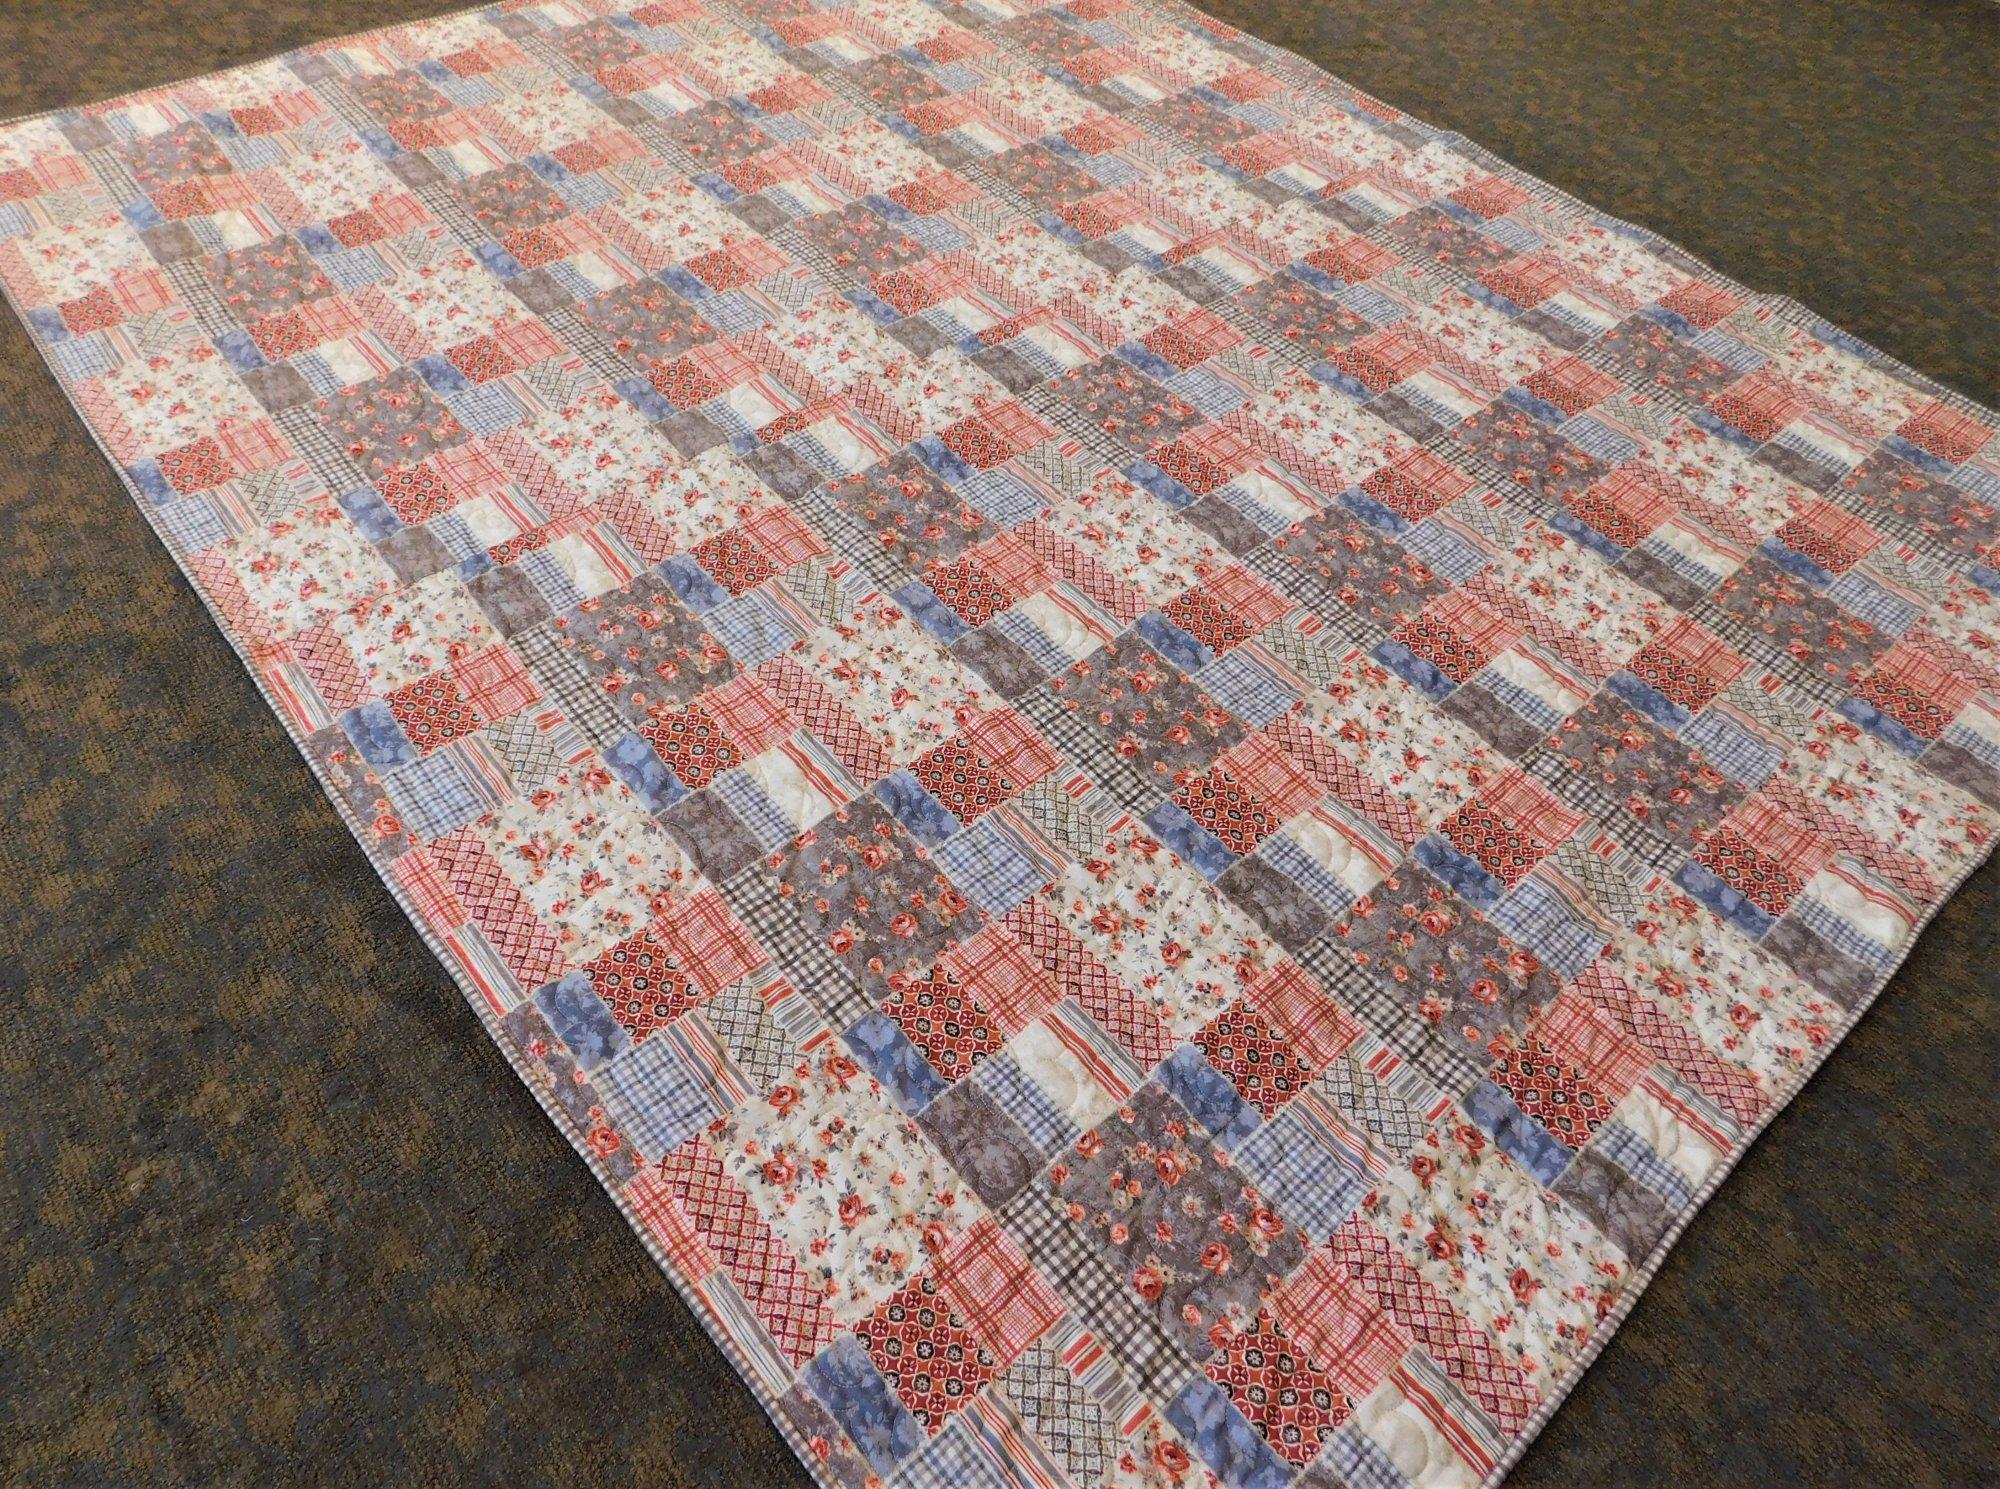 Farmhouse Chic Patchwork Print Quilt Kit - 72 x 84